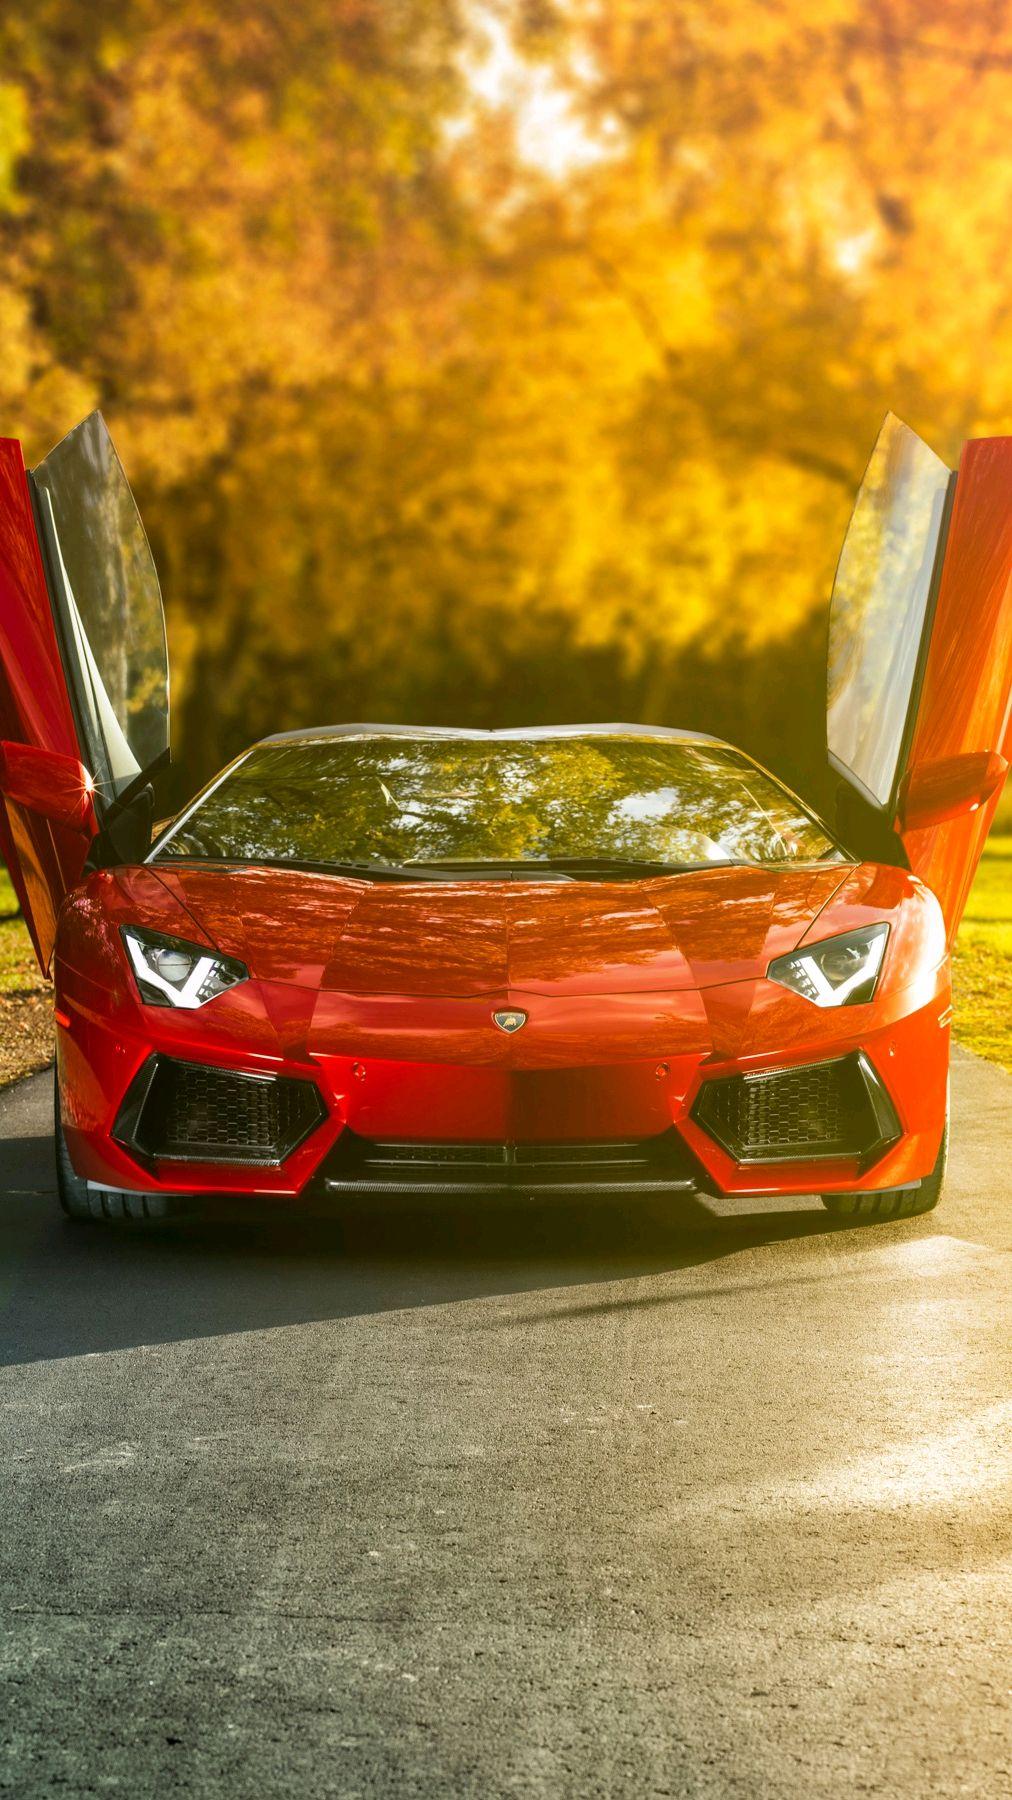 Lamborghini Aventador Open Doors iPhone Wallpaper